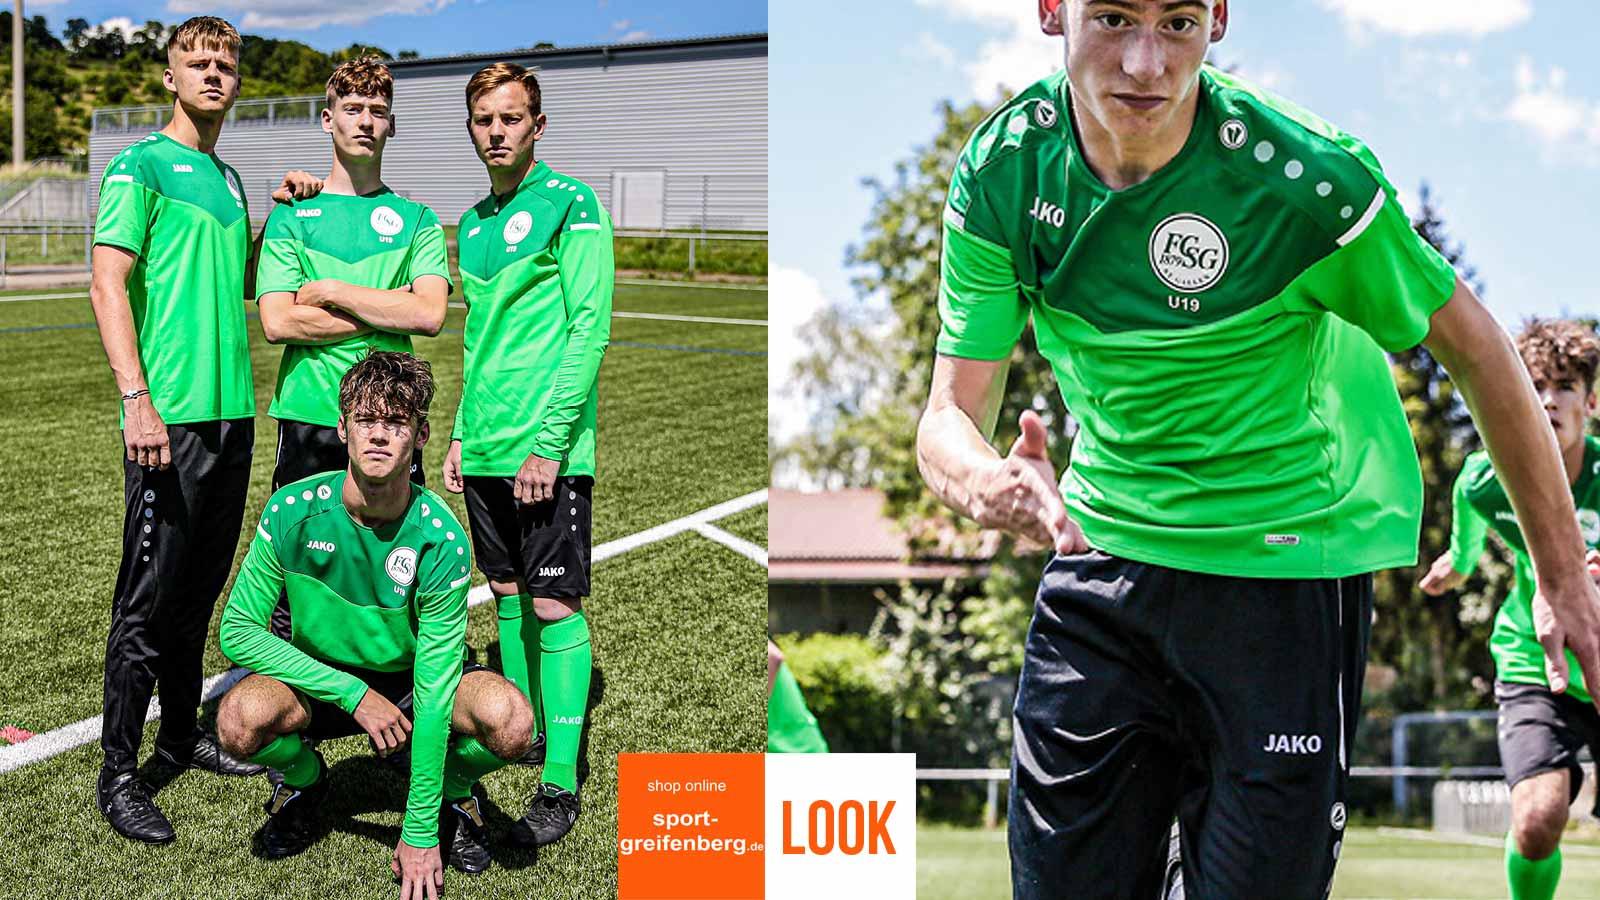 Das Jako Jugend Training Set grün mit einem Shirt, Short und Stutzen